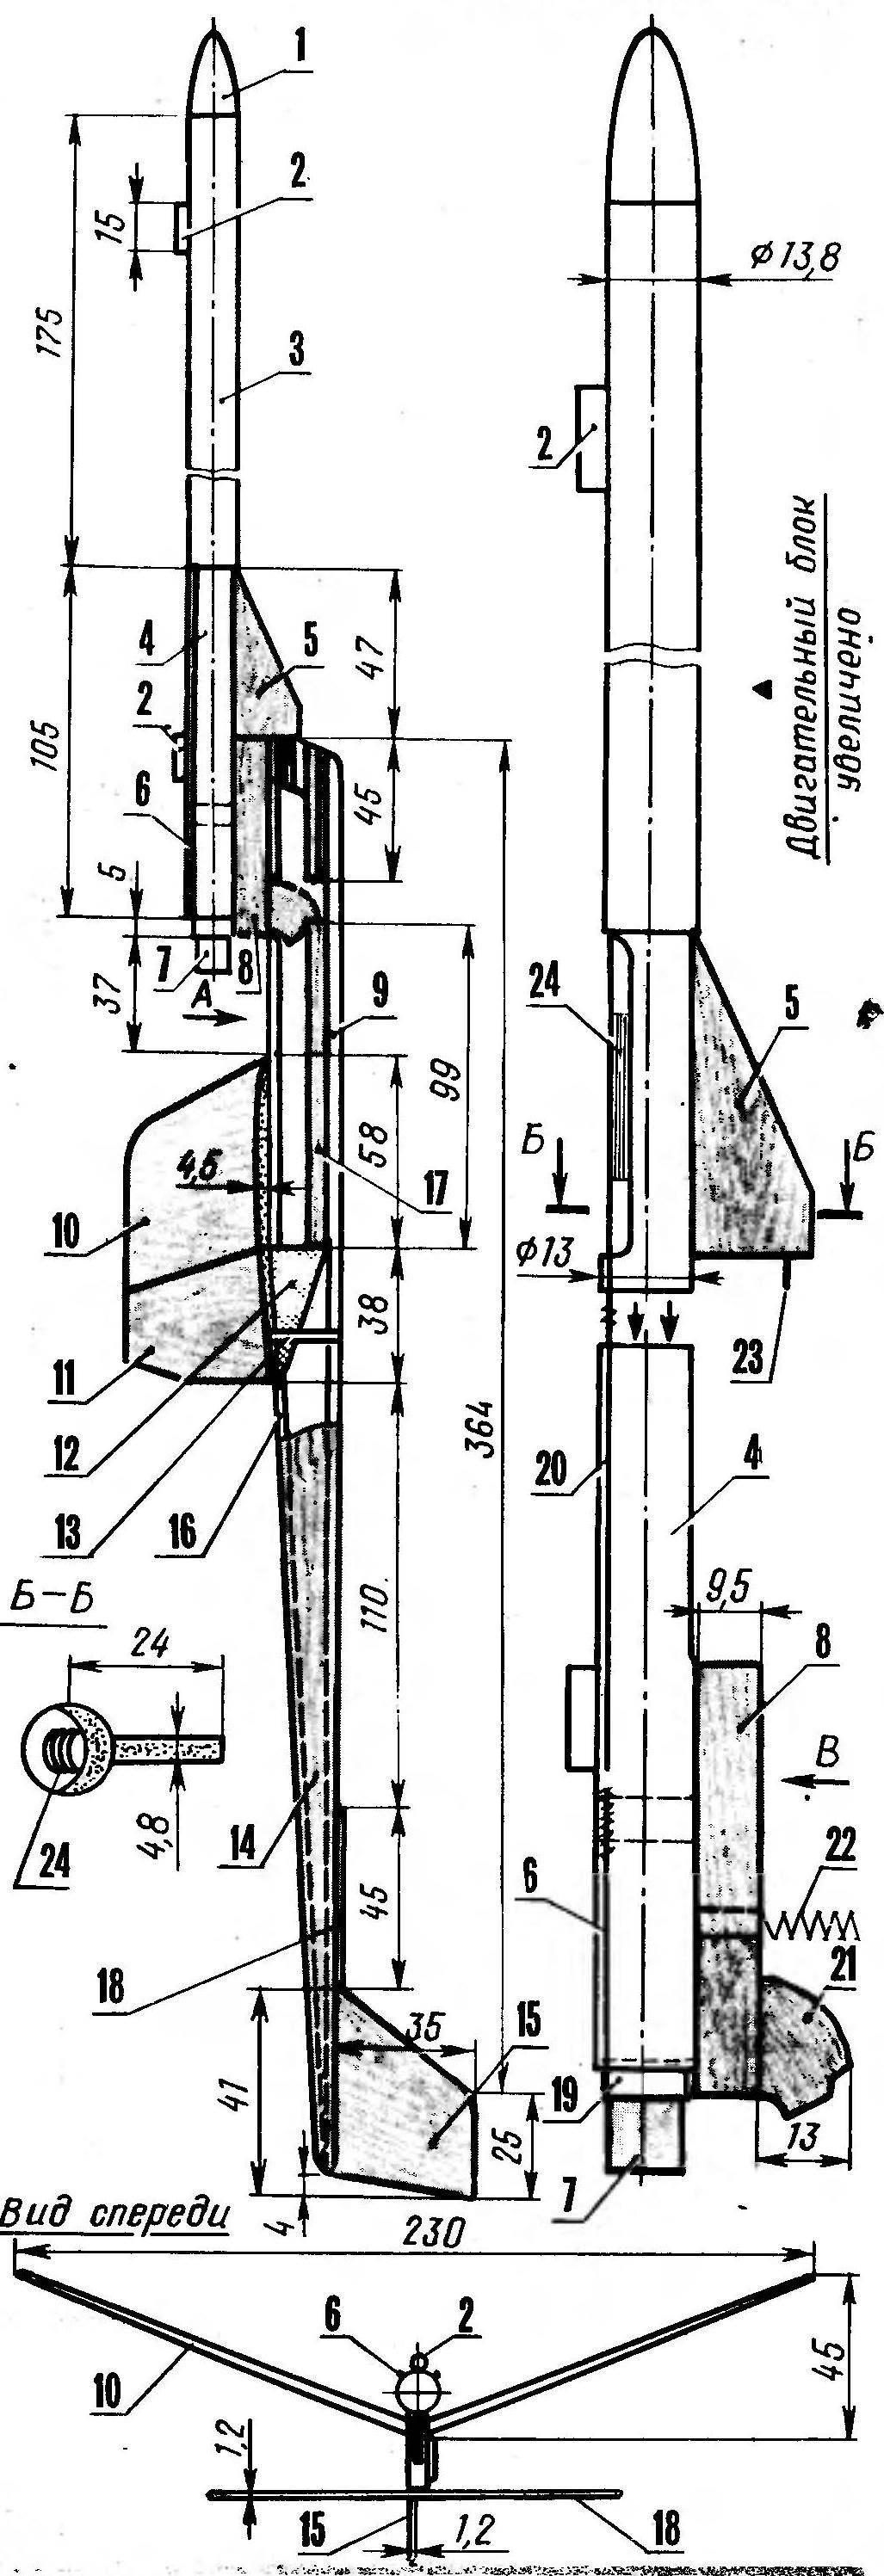 Model rocket R. parks (USA)